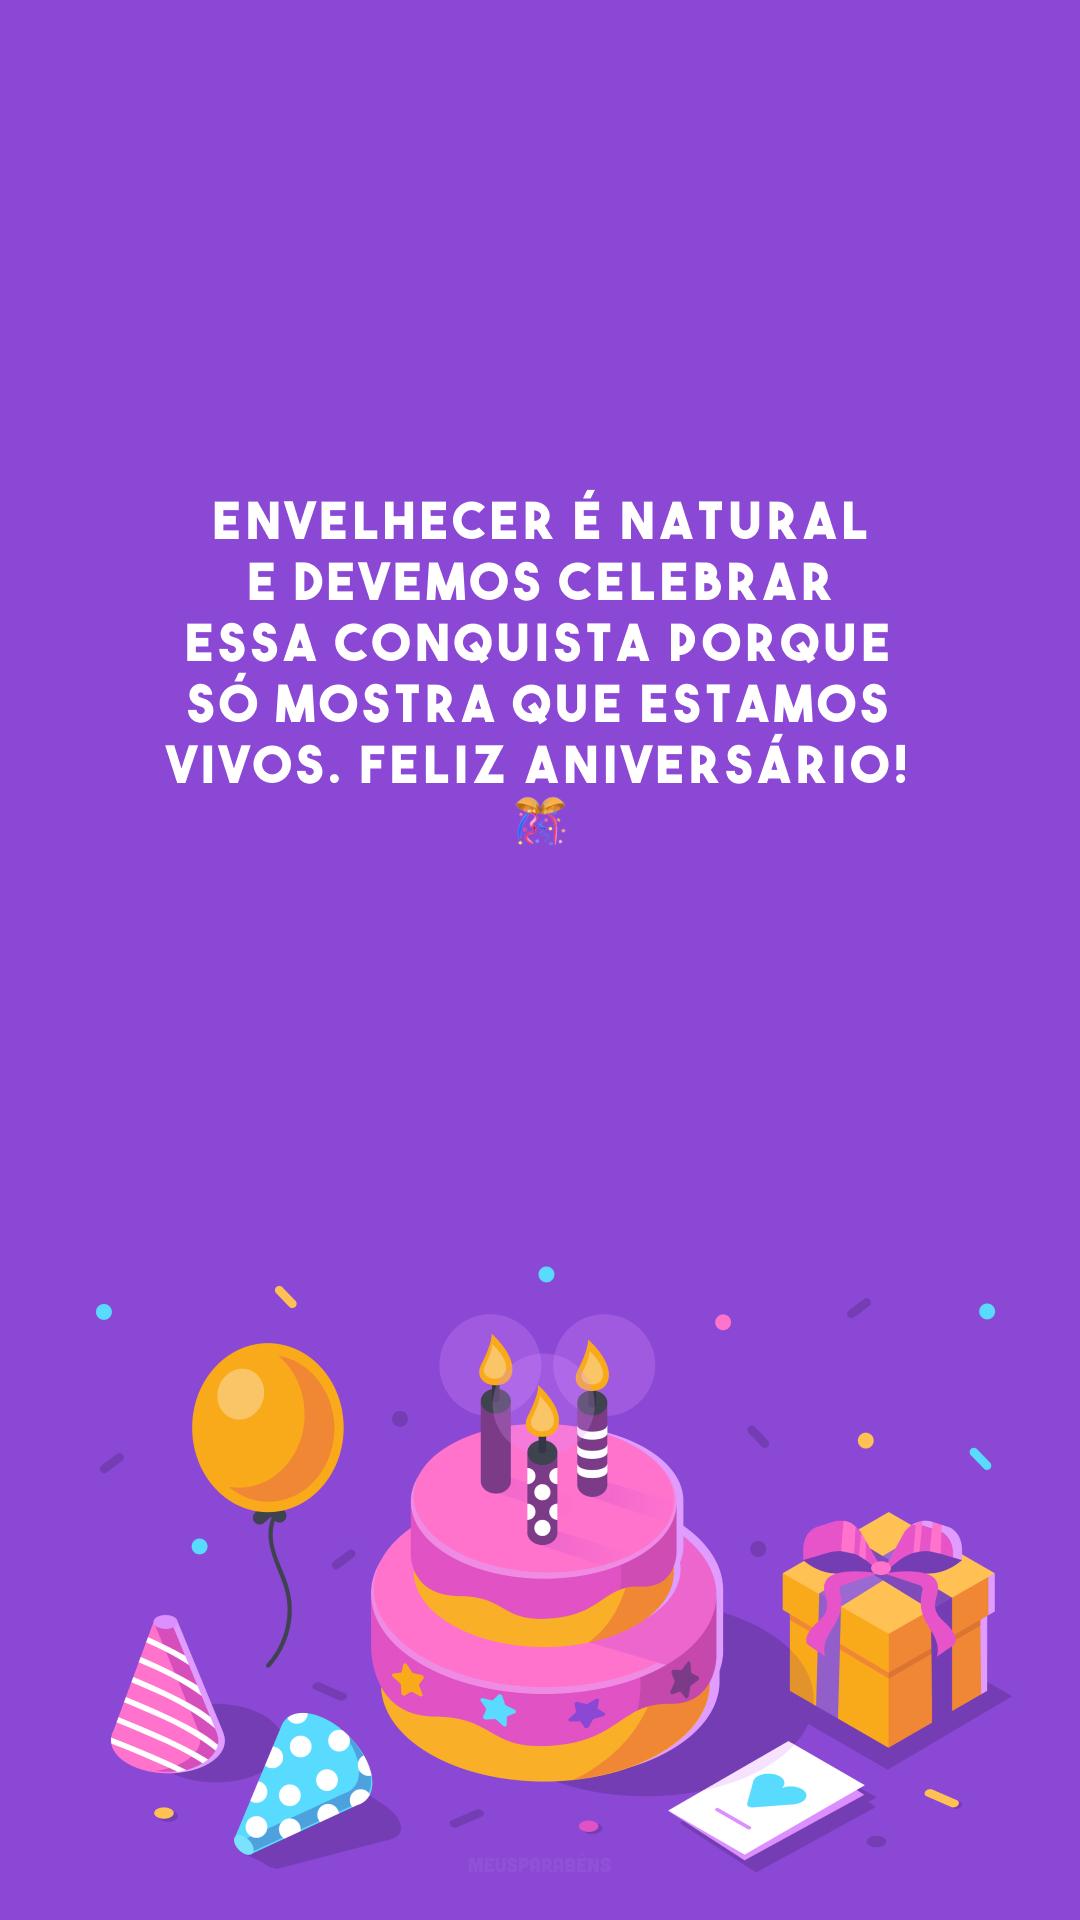 Envelhecer é natural e devemos celebrar essa conquista porque só mostra que estamos vivos. Feliz aniversário! 🎊